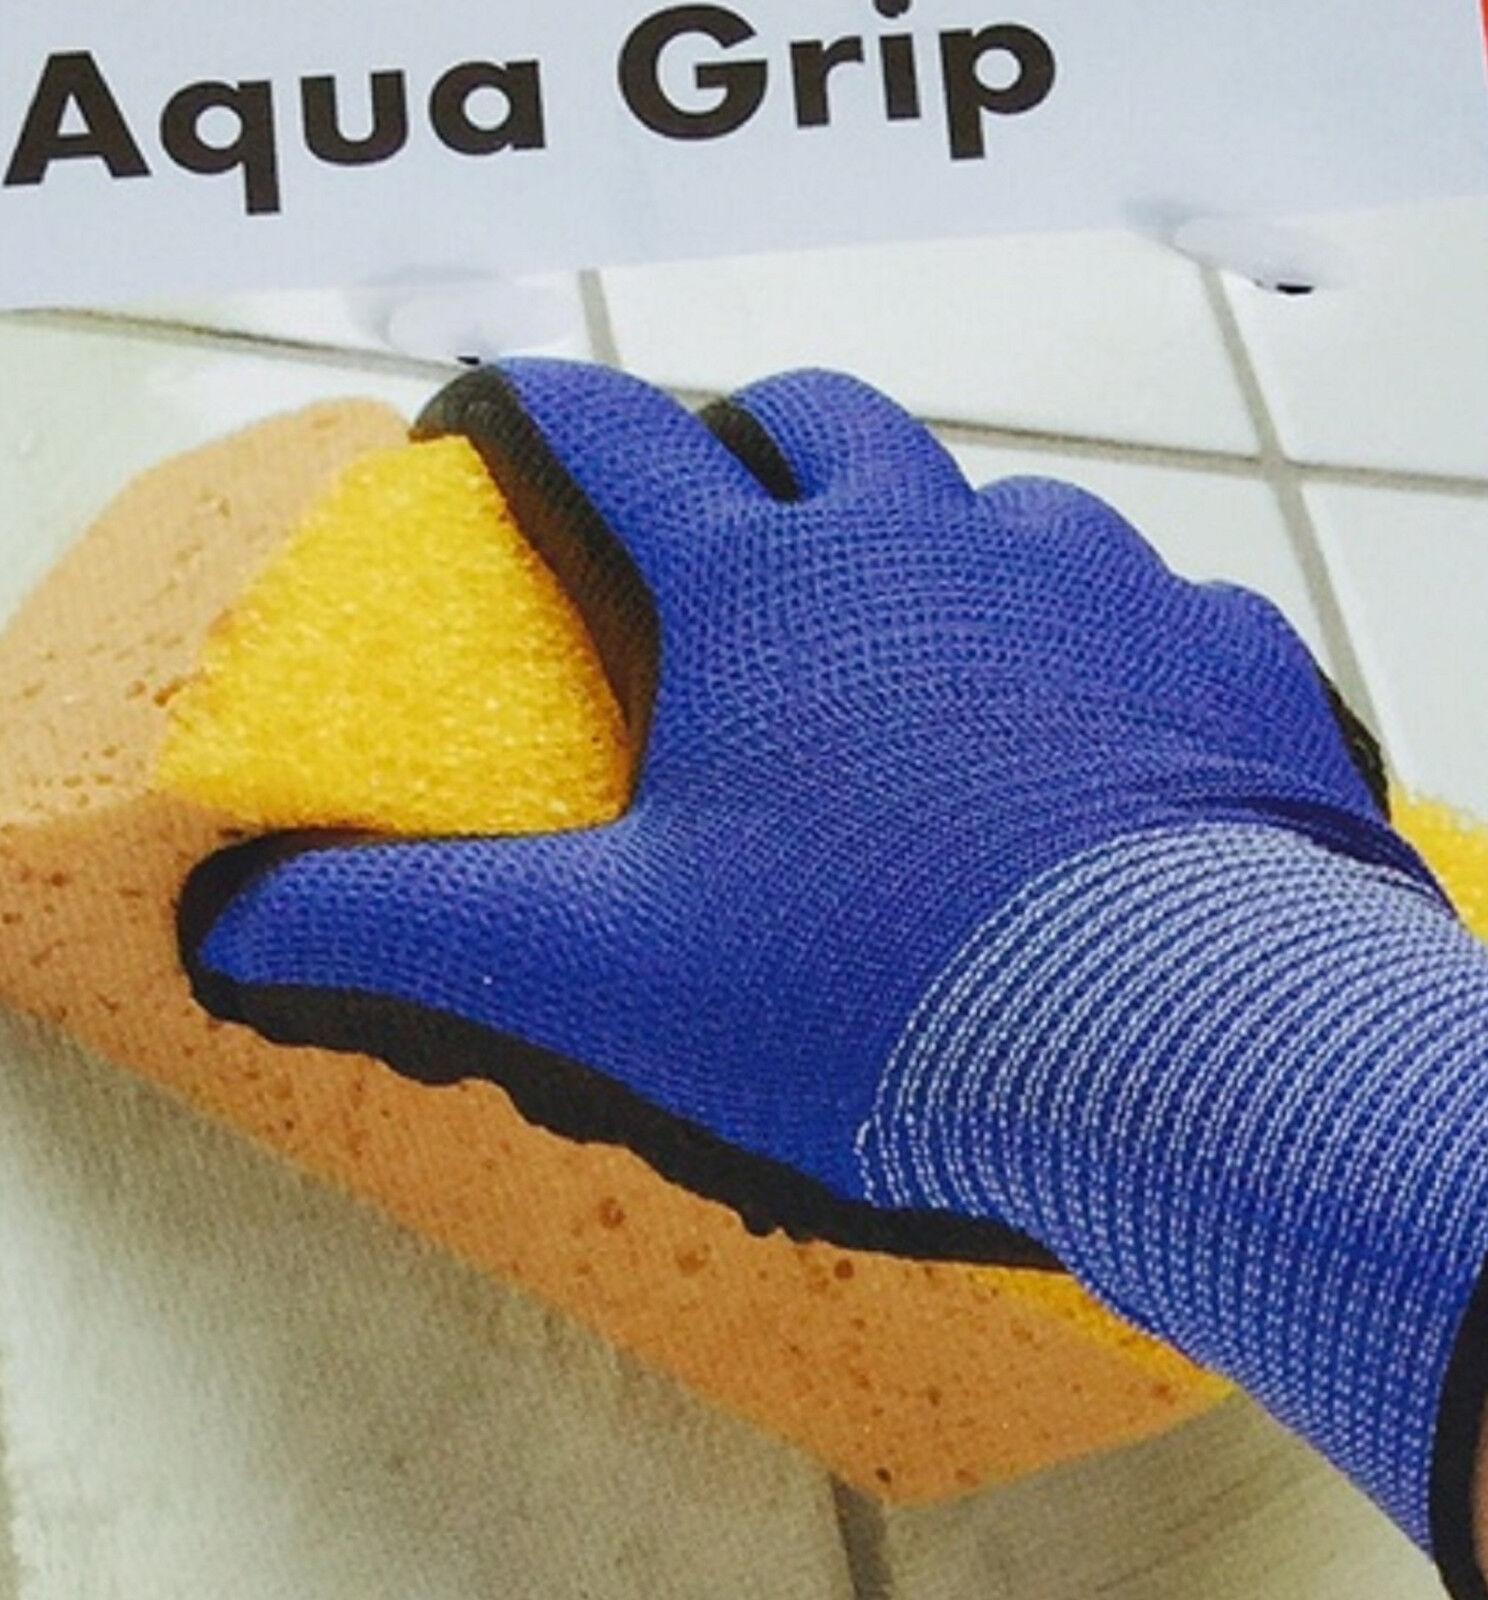 AQUA Grip Handschuhe Gr. 8 / 9 / 10 Arbeitshandschuhe wasserabweisend Handschutz